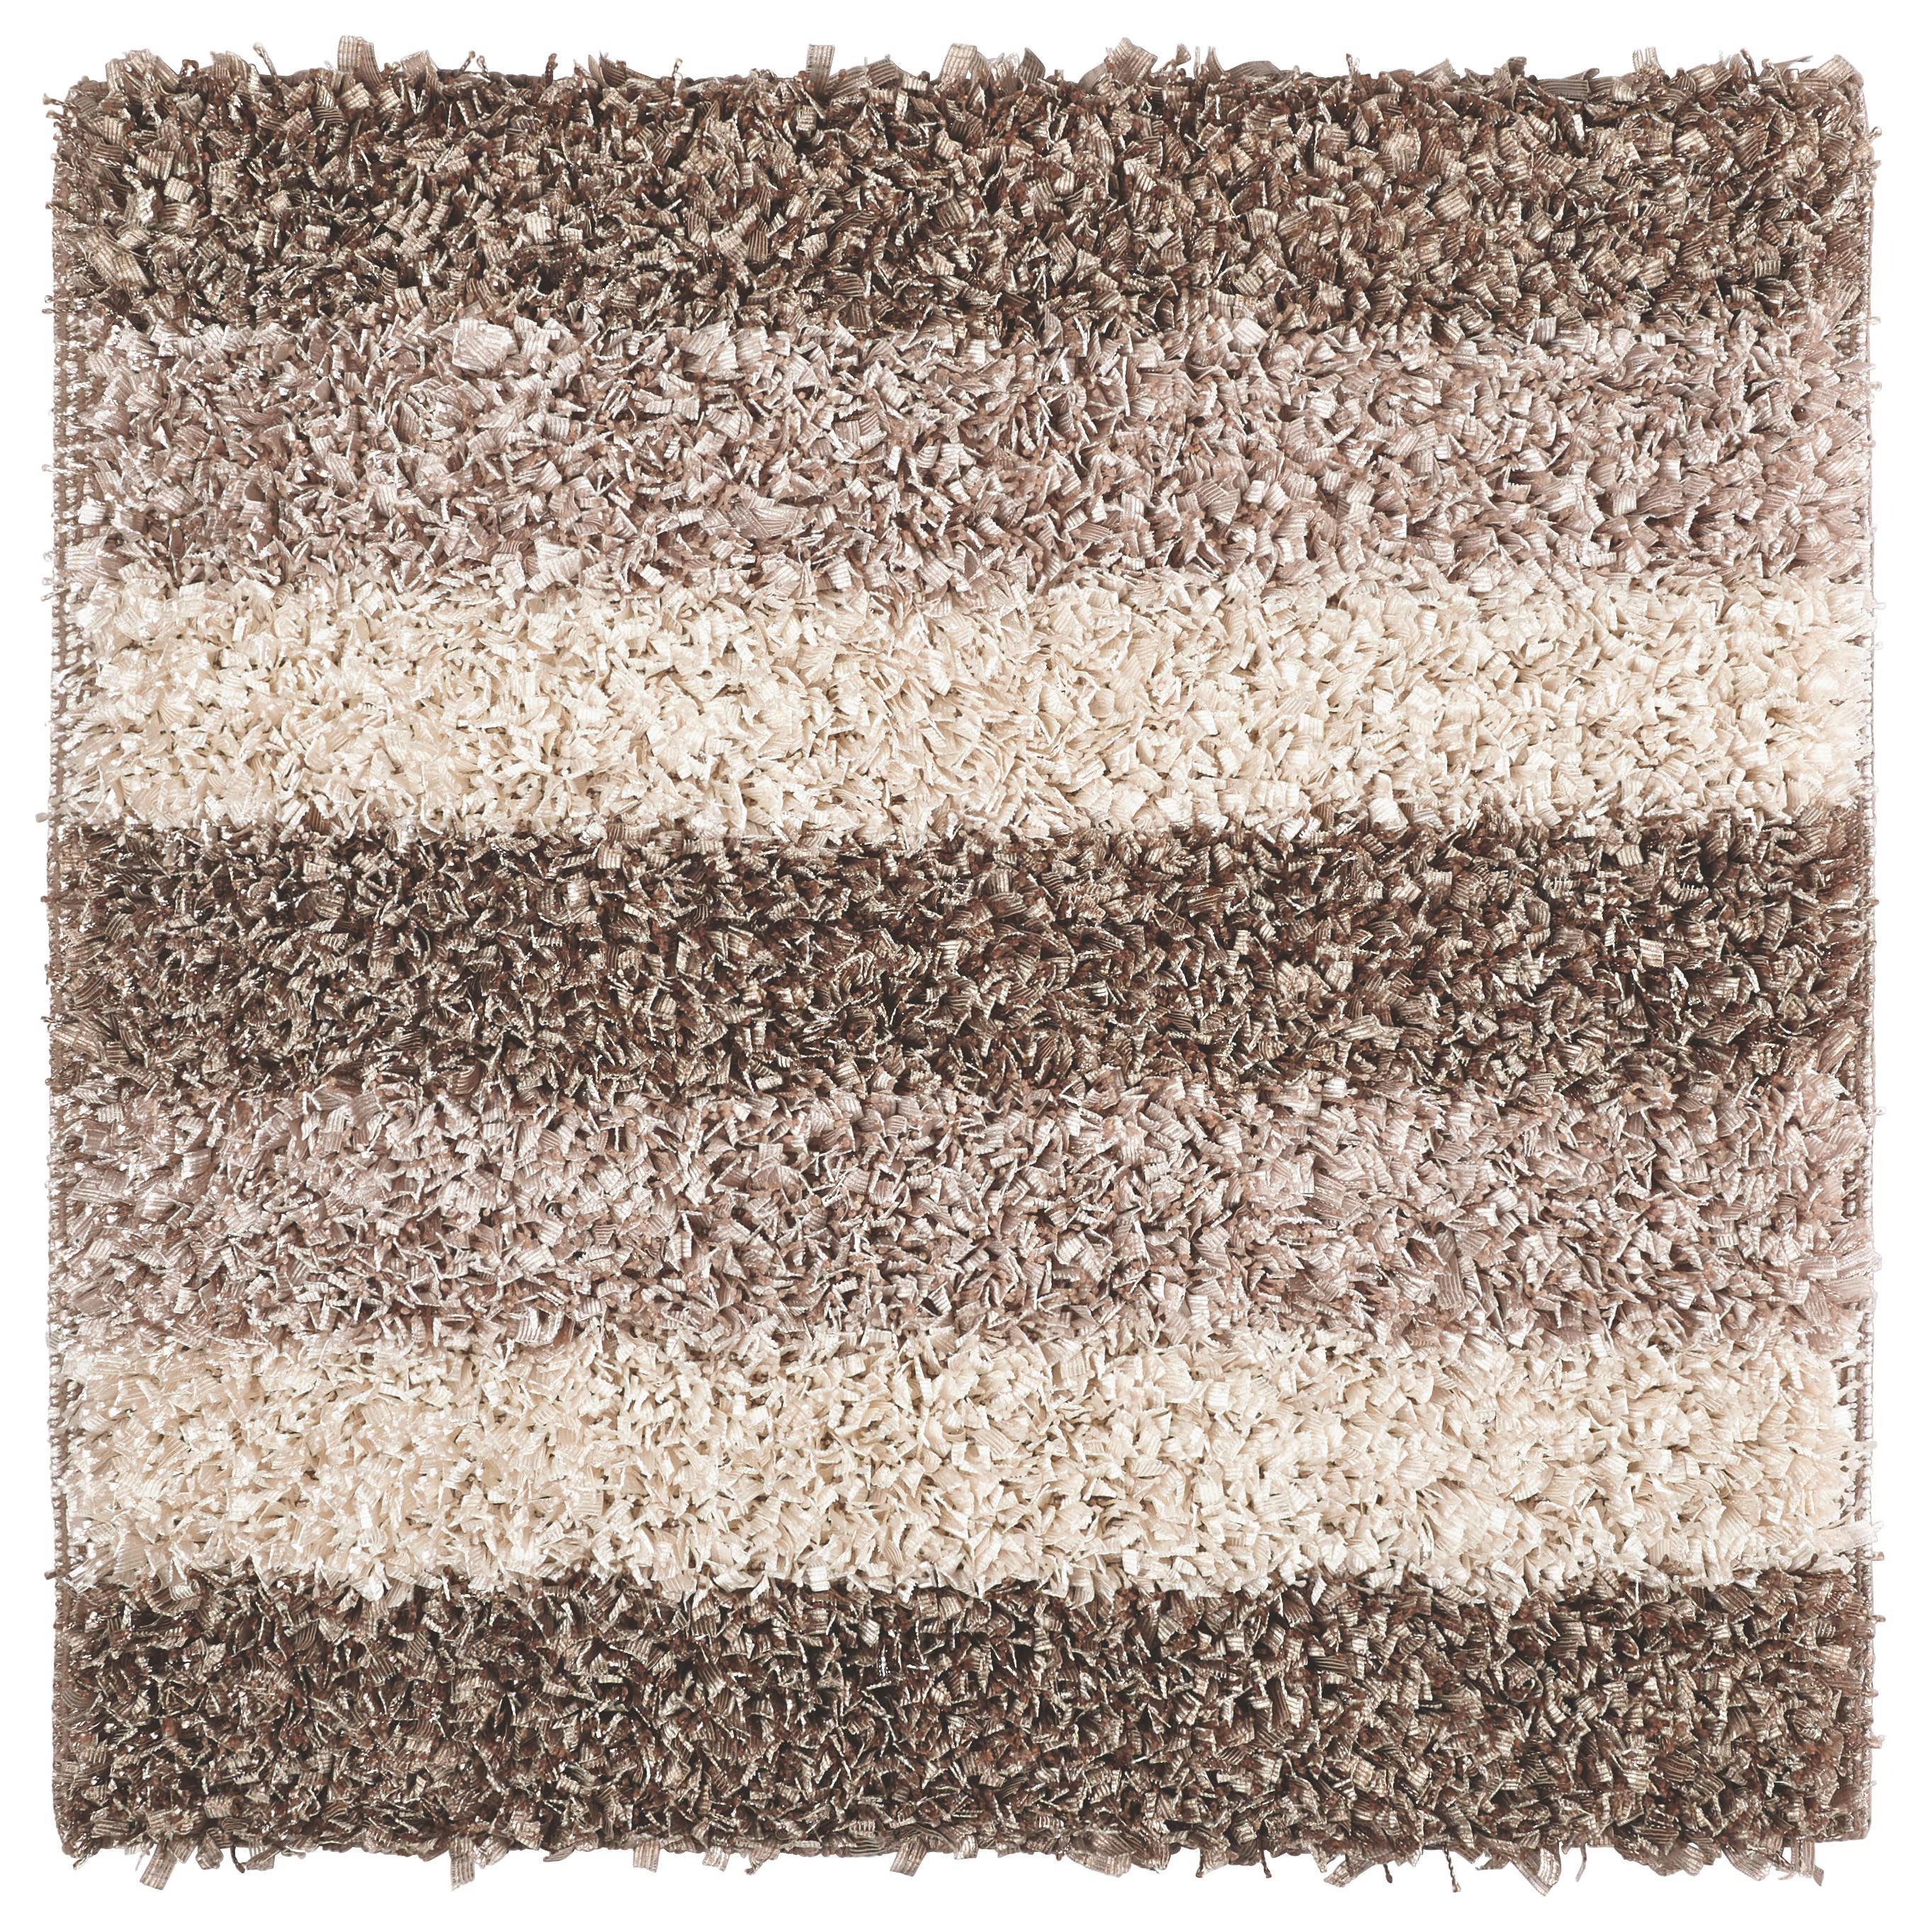 BADTEPPICH  Taupe  60/60 cm - Taupe, Kunststoff/Textil (60/60cm) - KLEINE WOLKE